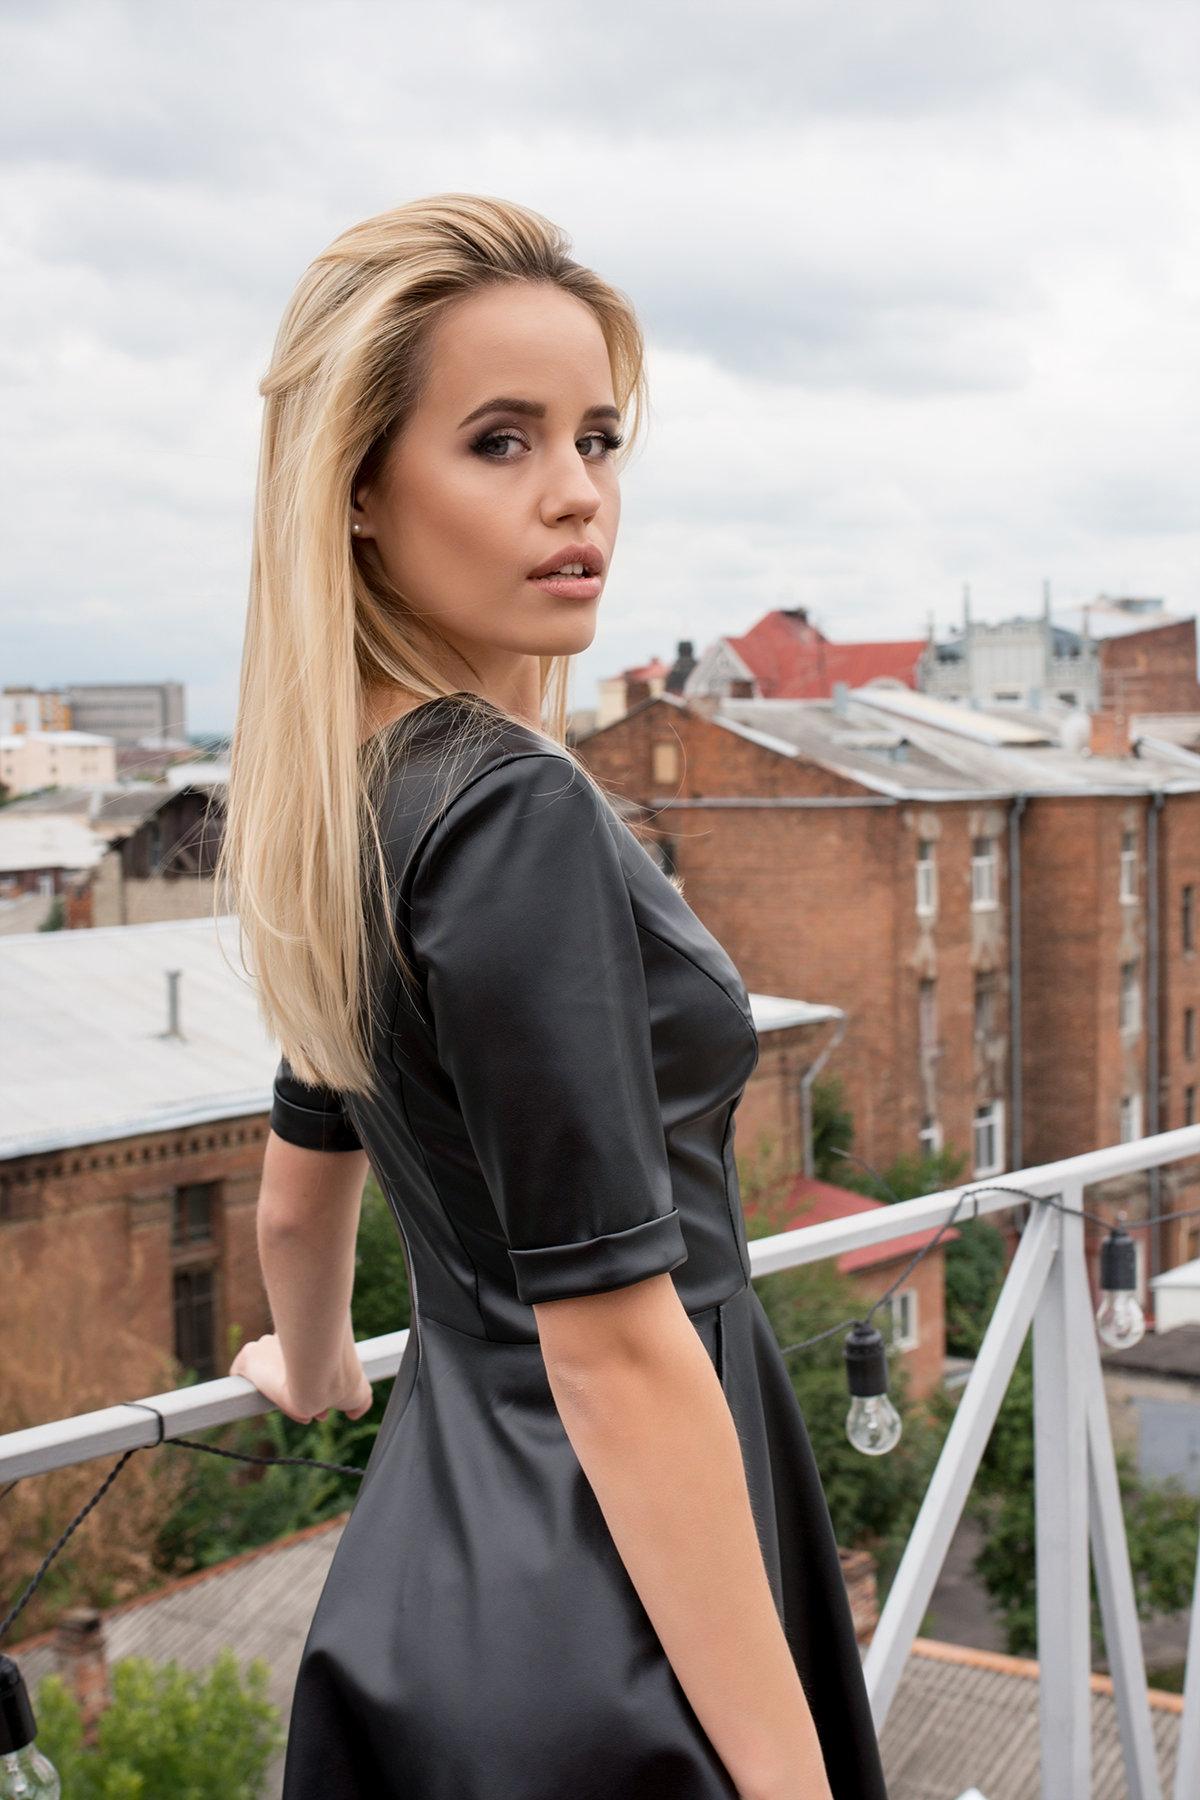 Платье из экокожи Фернанда 7783 АРТ. 43671 Цвет: Черный - фото 4, интернет магазин tm-modus.ru